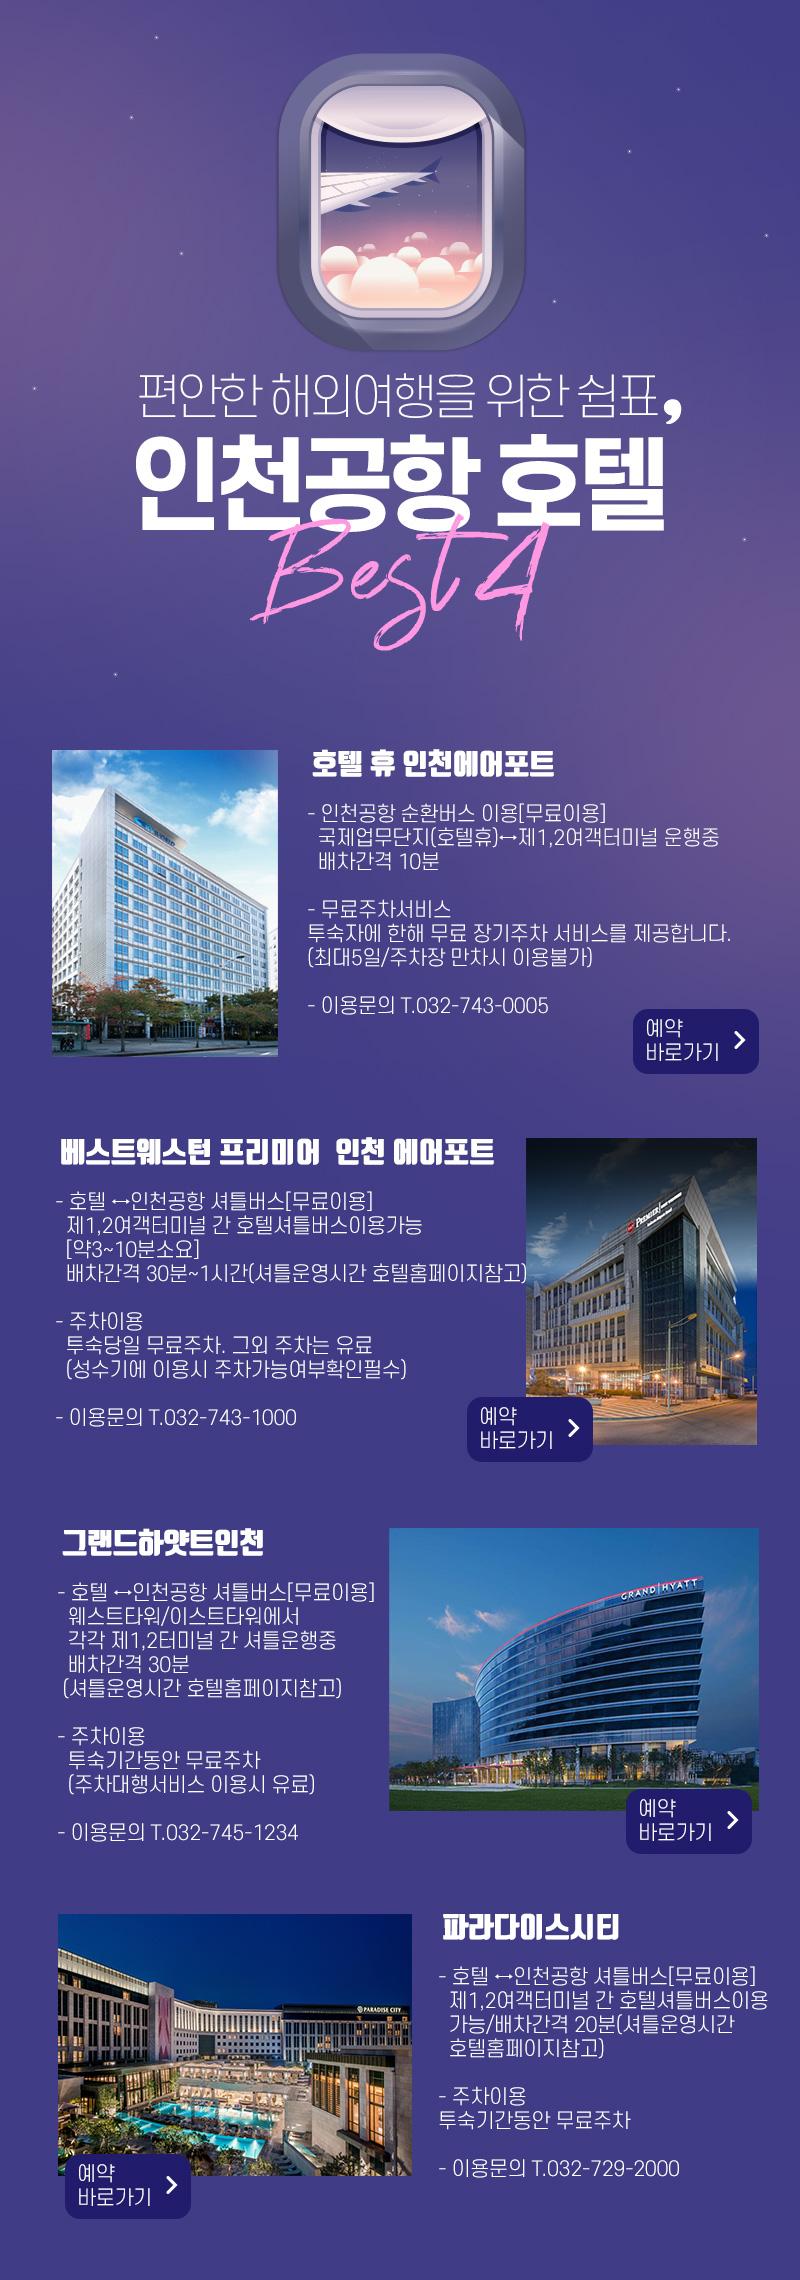 인천공항 호텔 BEST 4